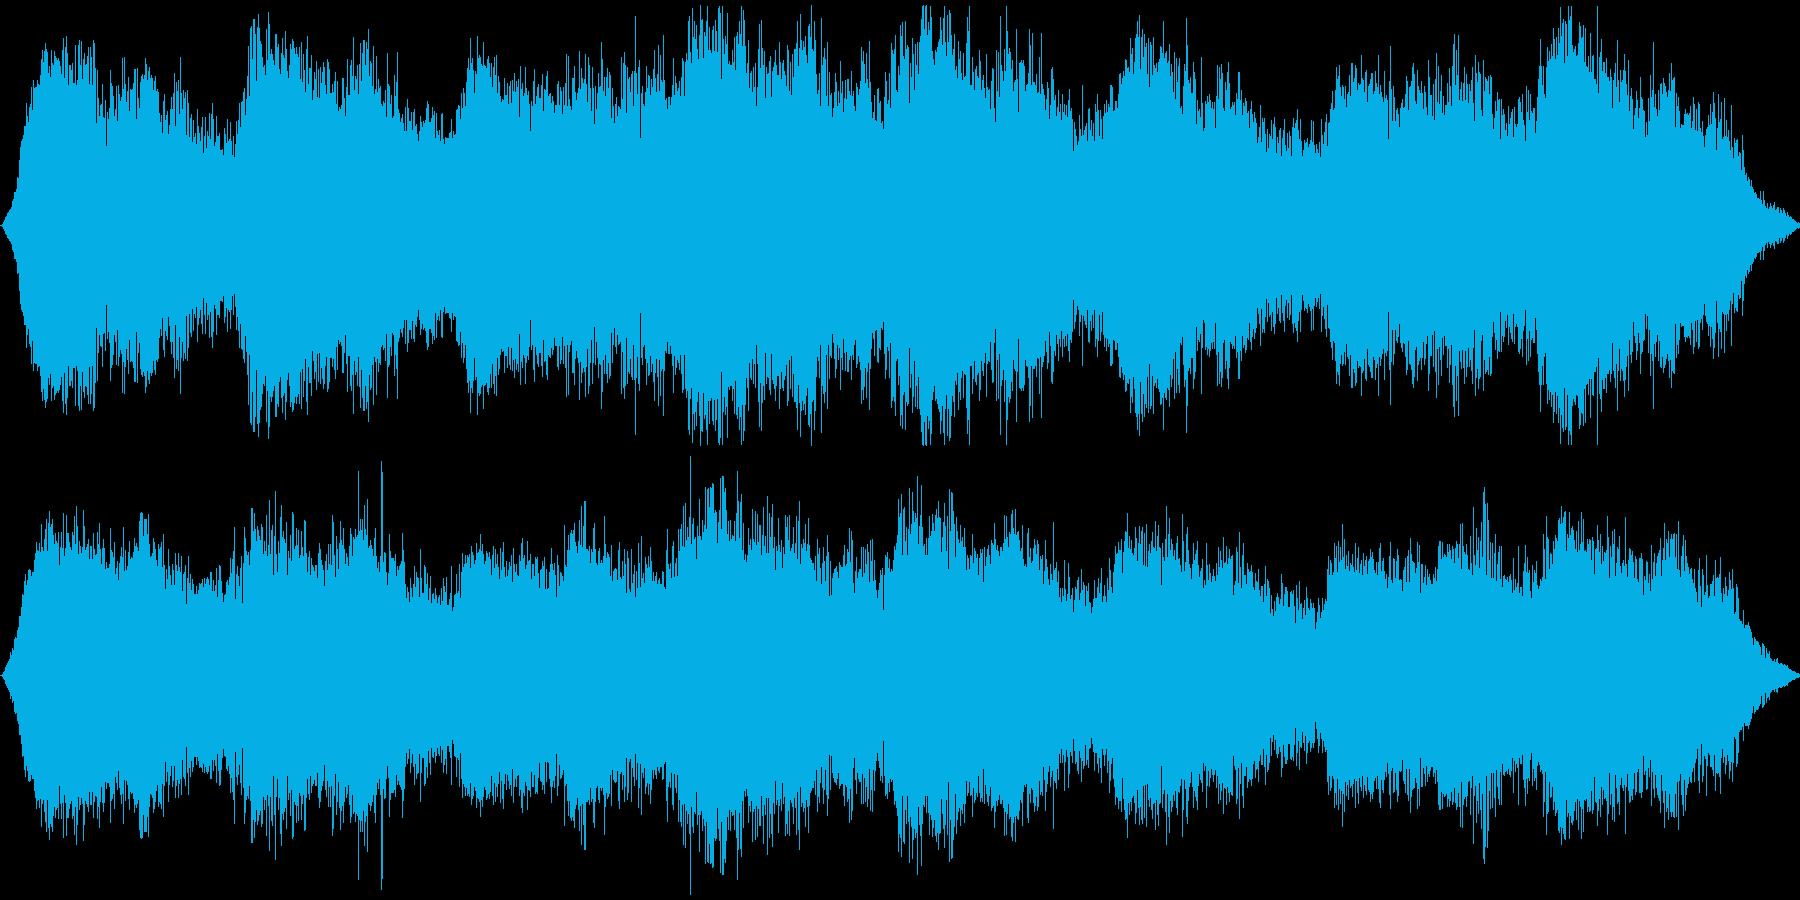 スチーム的な音色を使用しましたの再生済みの波形